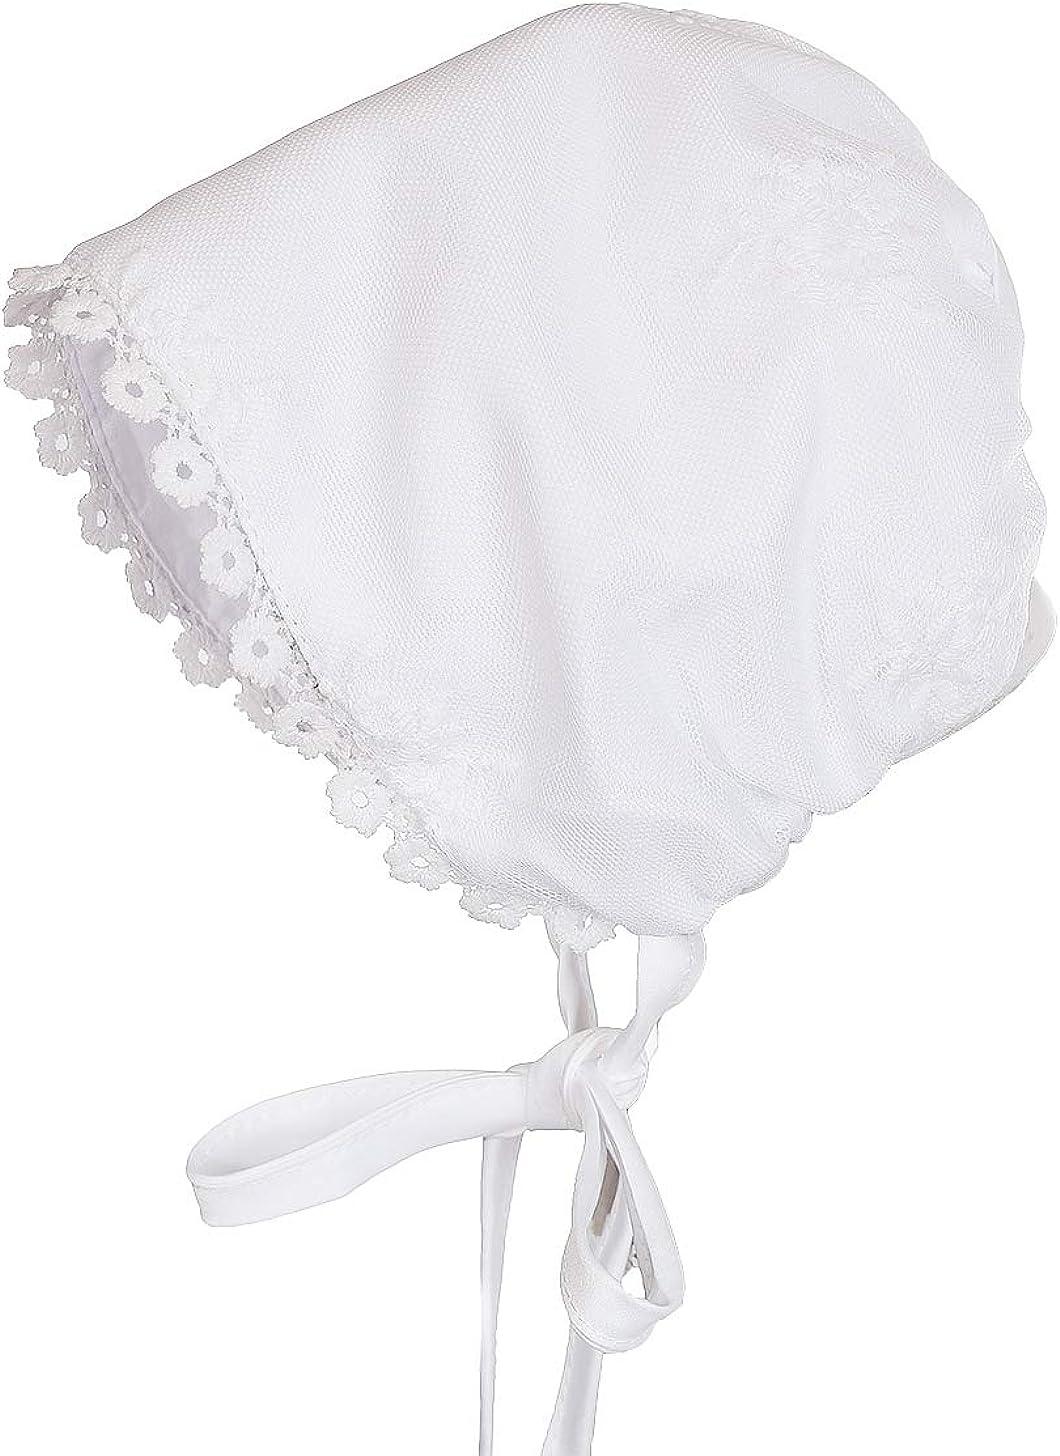 Cinda Vestido de Bautizo y Gorro de Encaje Blanco para beb/és